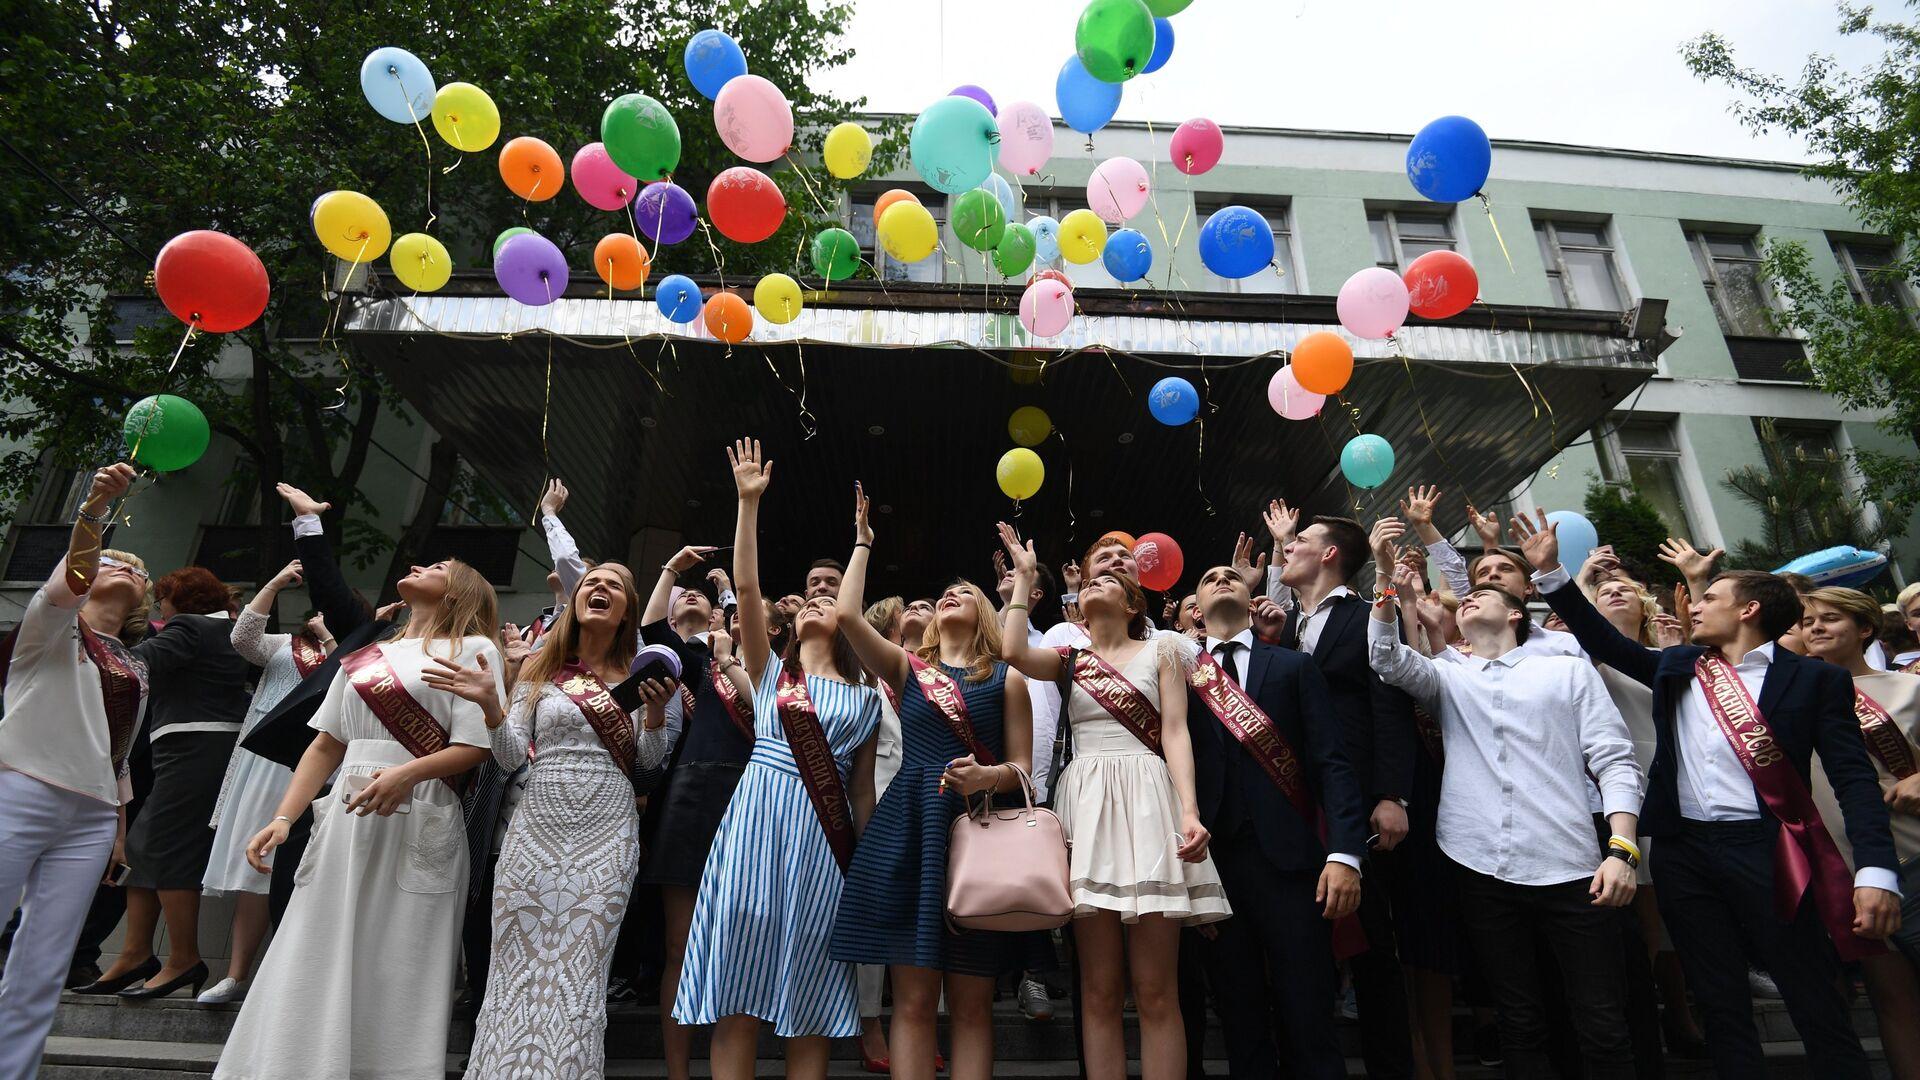 Выпускники ГБОУ Романовская школа № 1240 запускают воздушные шары во время празднования последнего звонка в Москве - РИА Новости, 1920, 09.07.2021